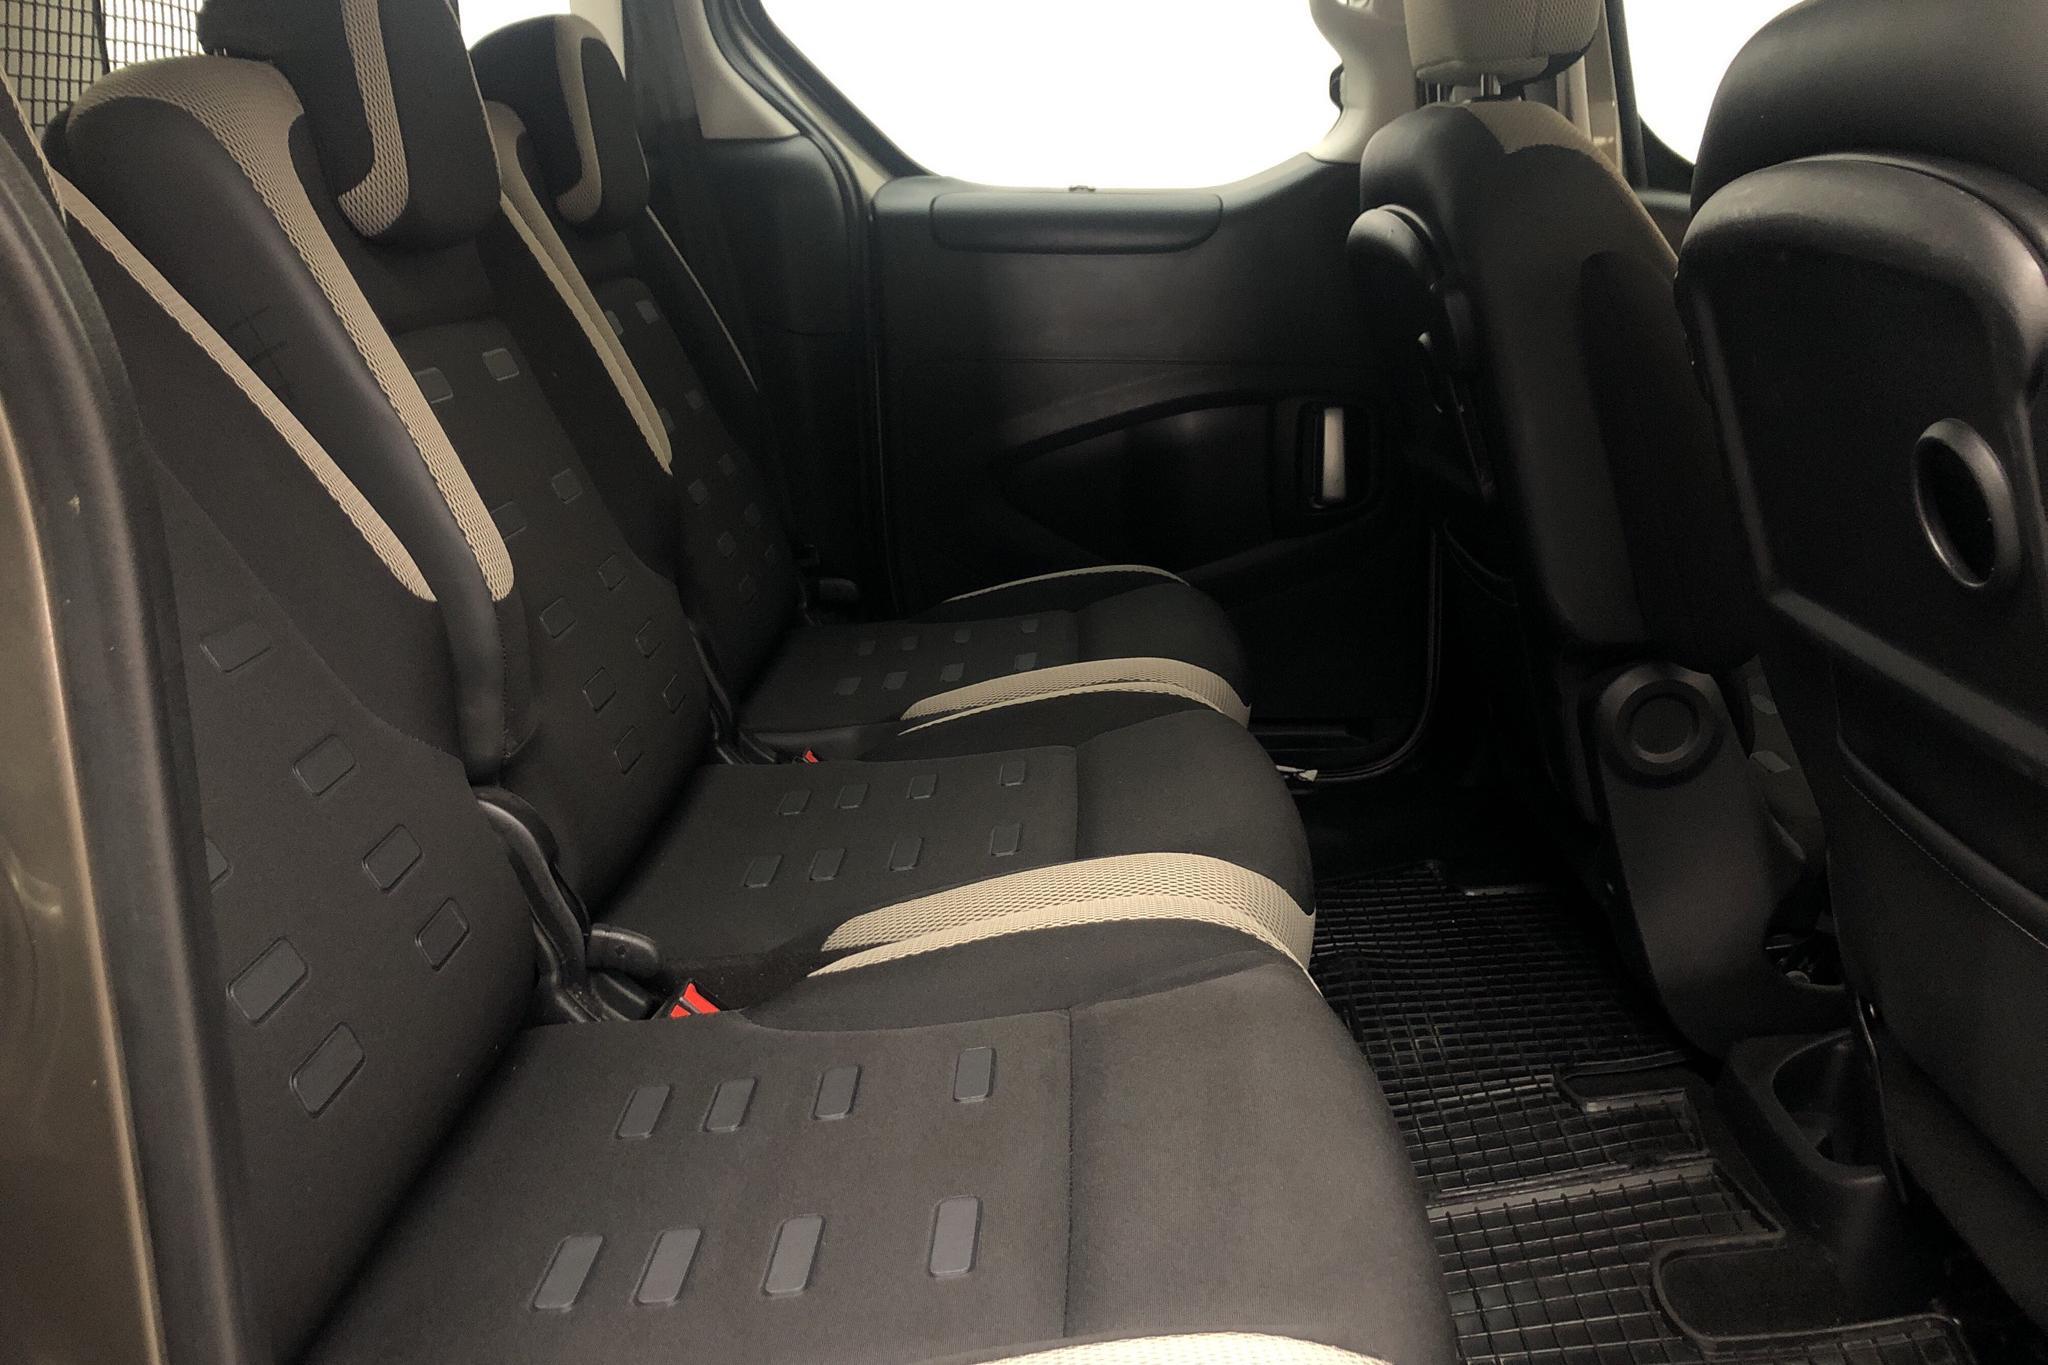 Citroen Berlingo Family III 1.6 HDI (115hk) - 15 590 mil - Manuell - brun - 2015